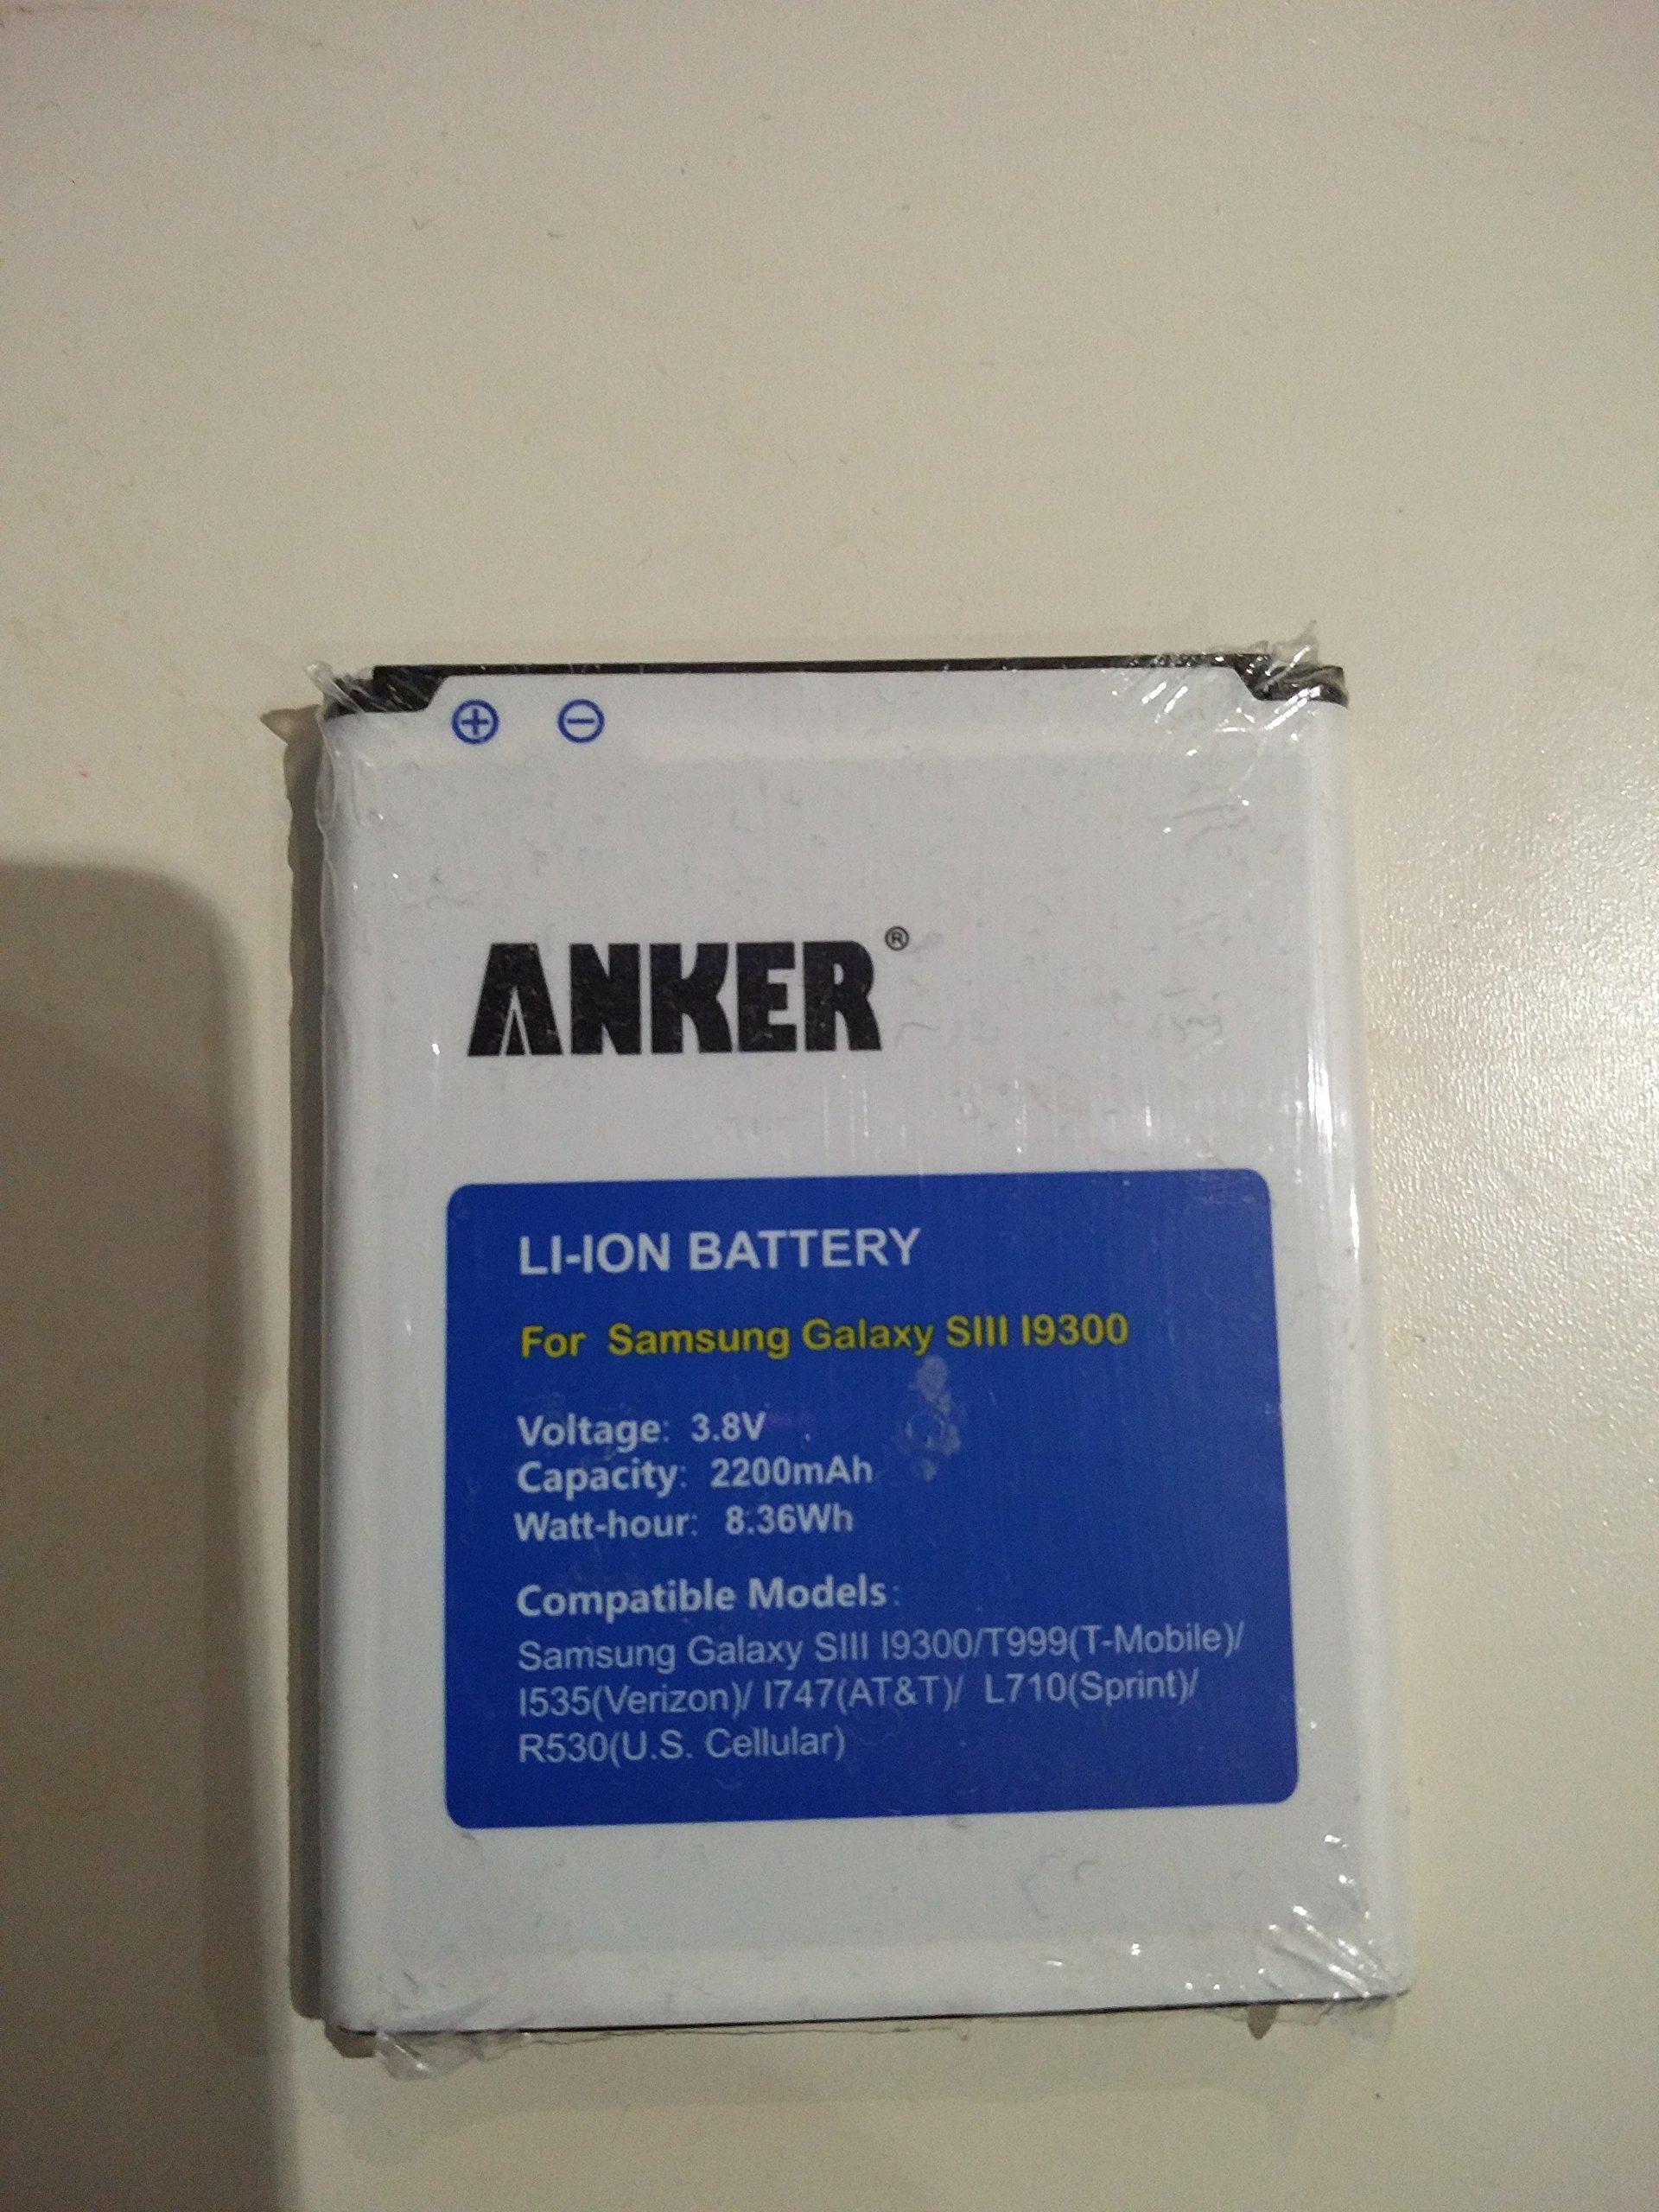 Samsung galaxy battery s3 verizon - Anker 2200mah Li Ion Battery For Samsung Galaxy S3 Gt I9300 T999 T Mobile I747 At T I535 Verizon R530 U S Cellular L710 Sprint Fits Eb L1g6llu